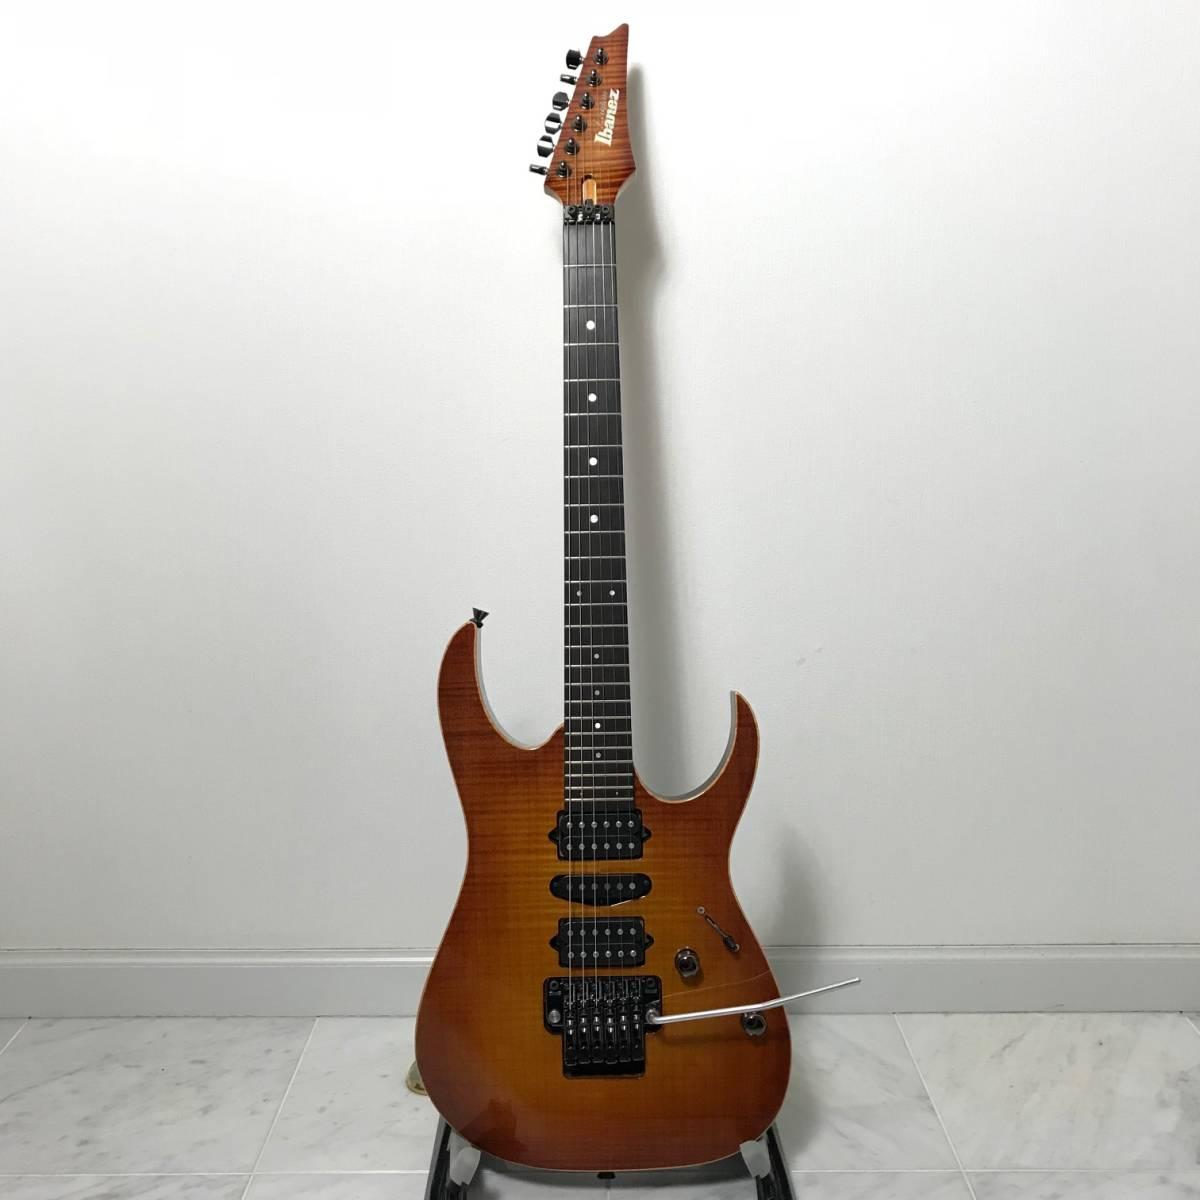 希少 美品 Ibanez J.custom RG7570Z Bright Brown Rutile 付属品 専用ハードケース付 日本製 アイバニーズ エレキギター GOTOHペグ 最高峰_画像4